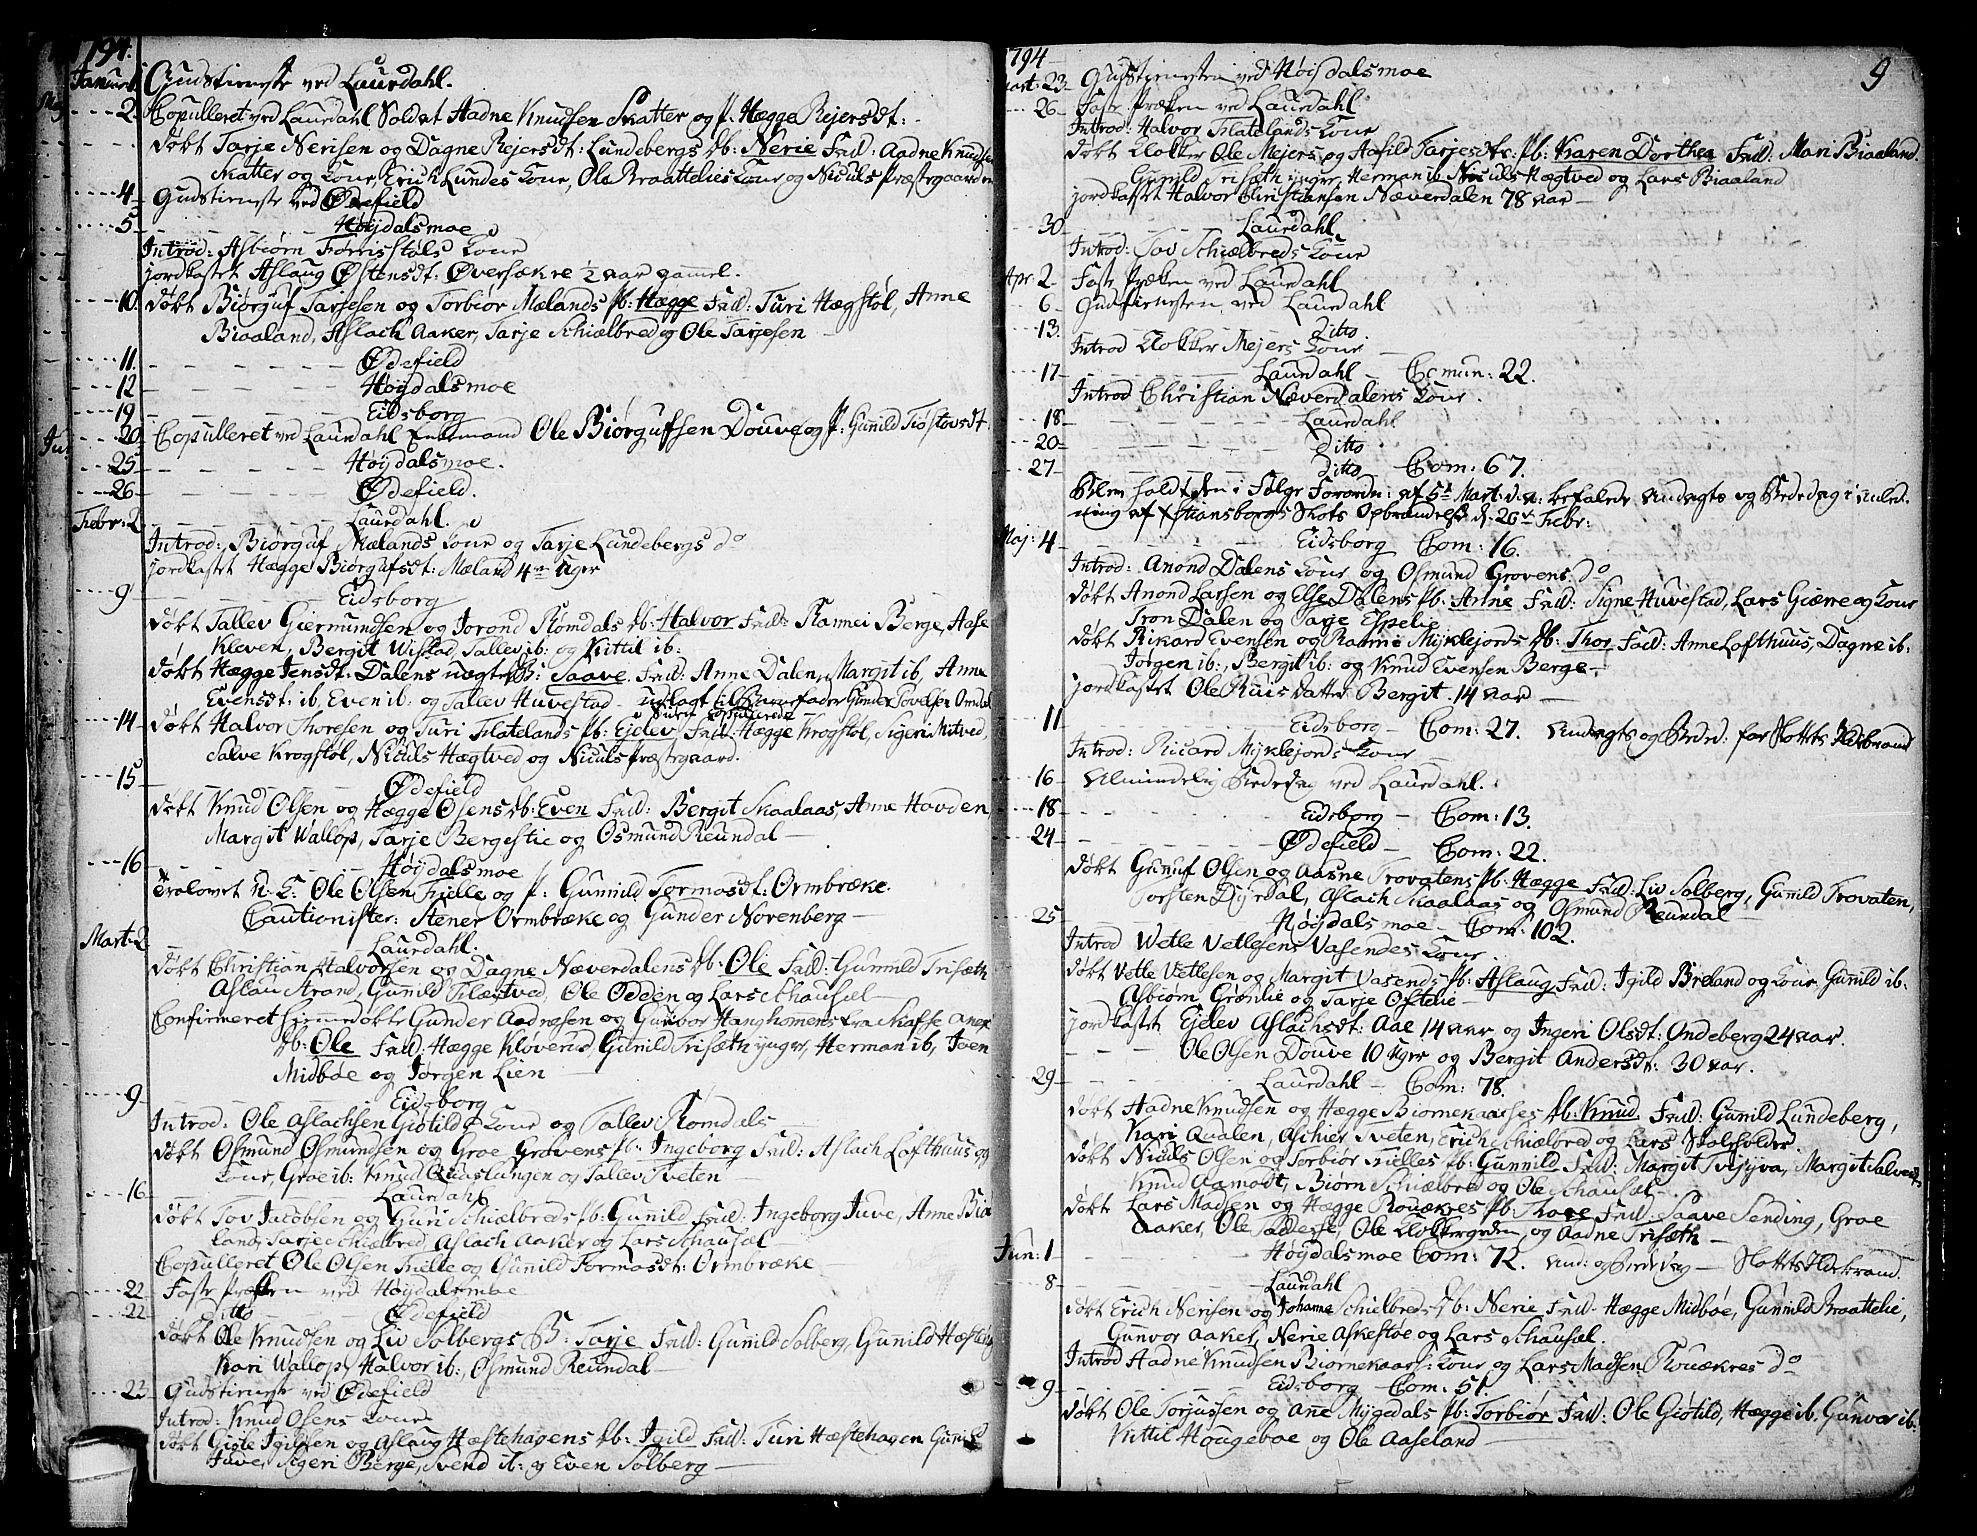 SAKO, Lårdal kirkebøker, F/Fa/L0004: Ministerialbok nr. I 4, 1790-1814, s. 9